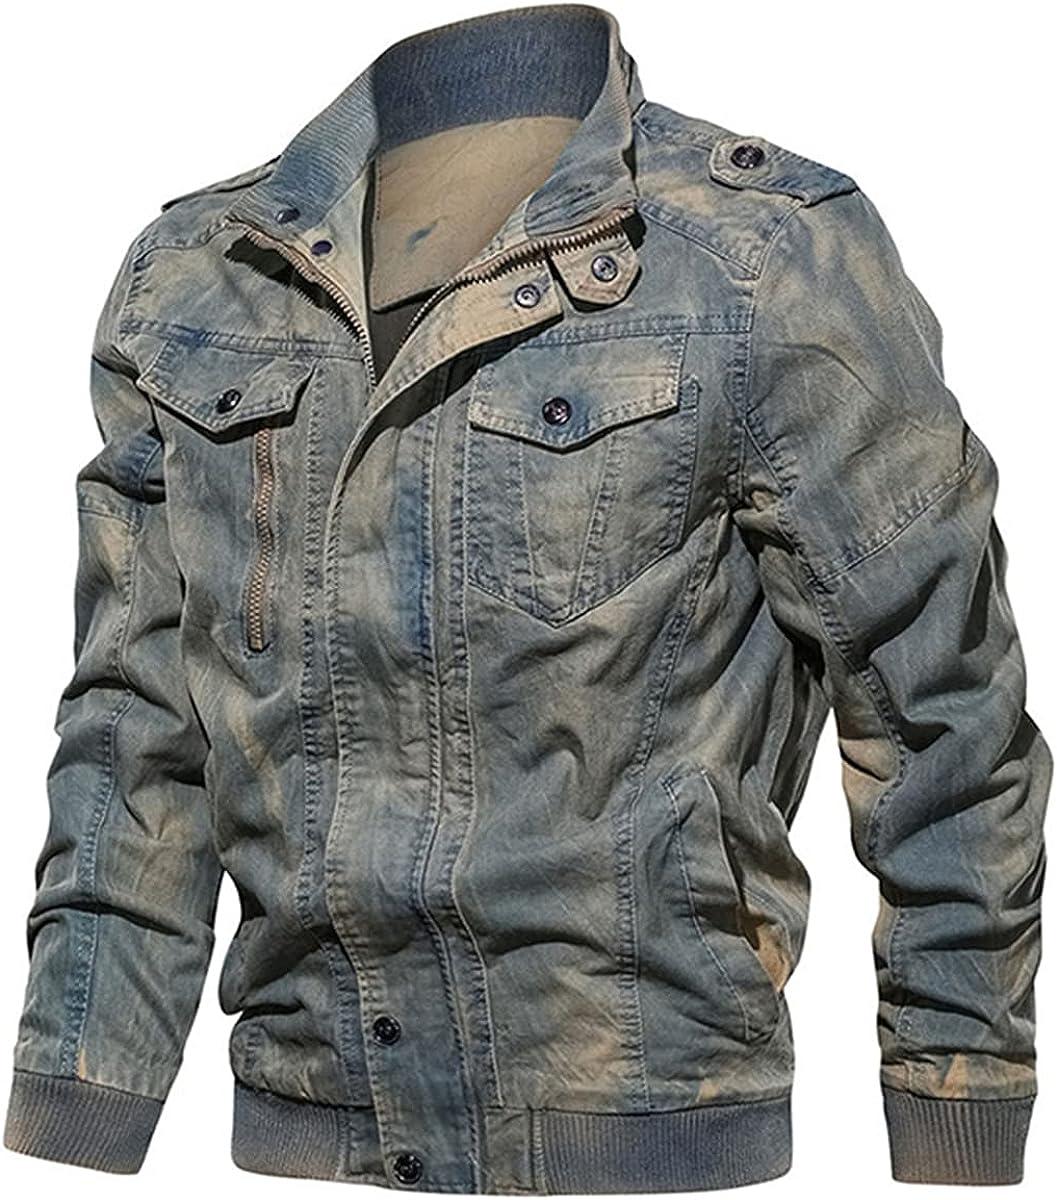 Retro Military Denim Jacket Men's Washed Bomber Jacket Slim Jeans Jacket